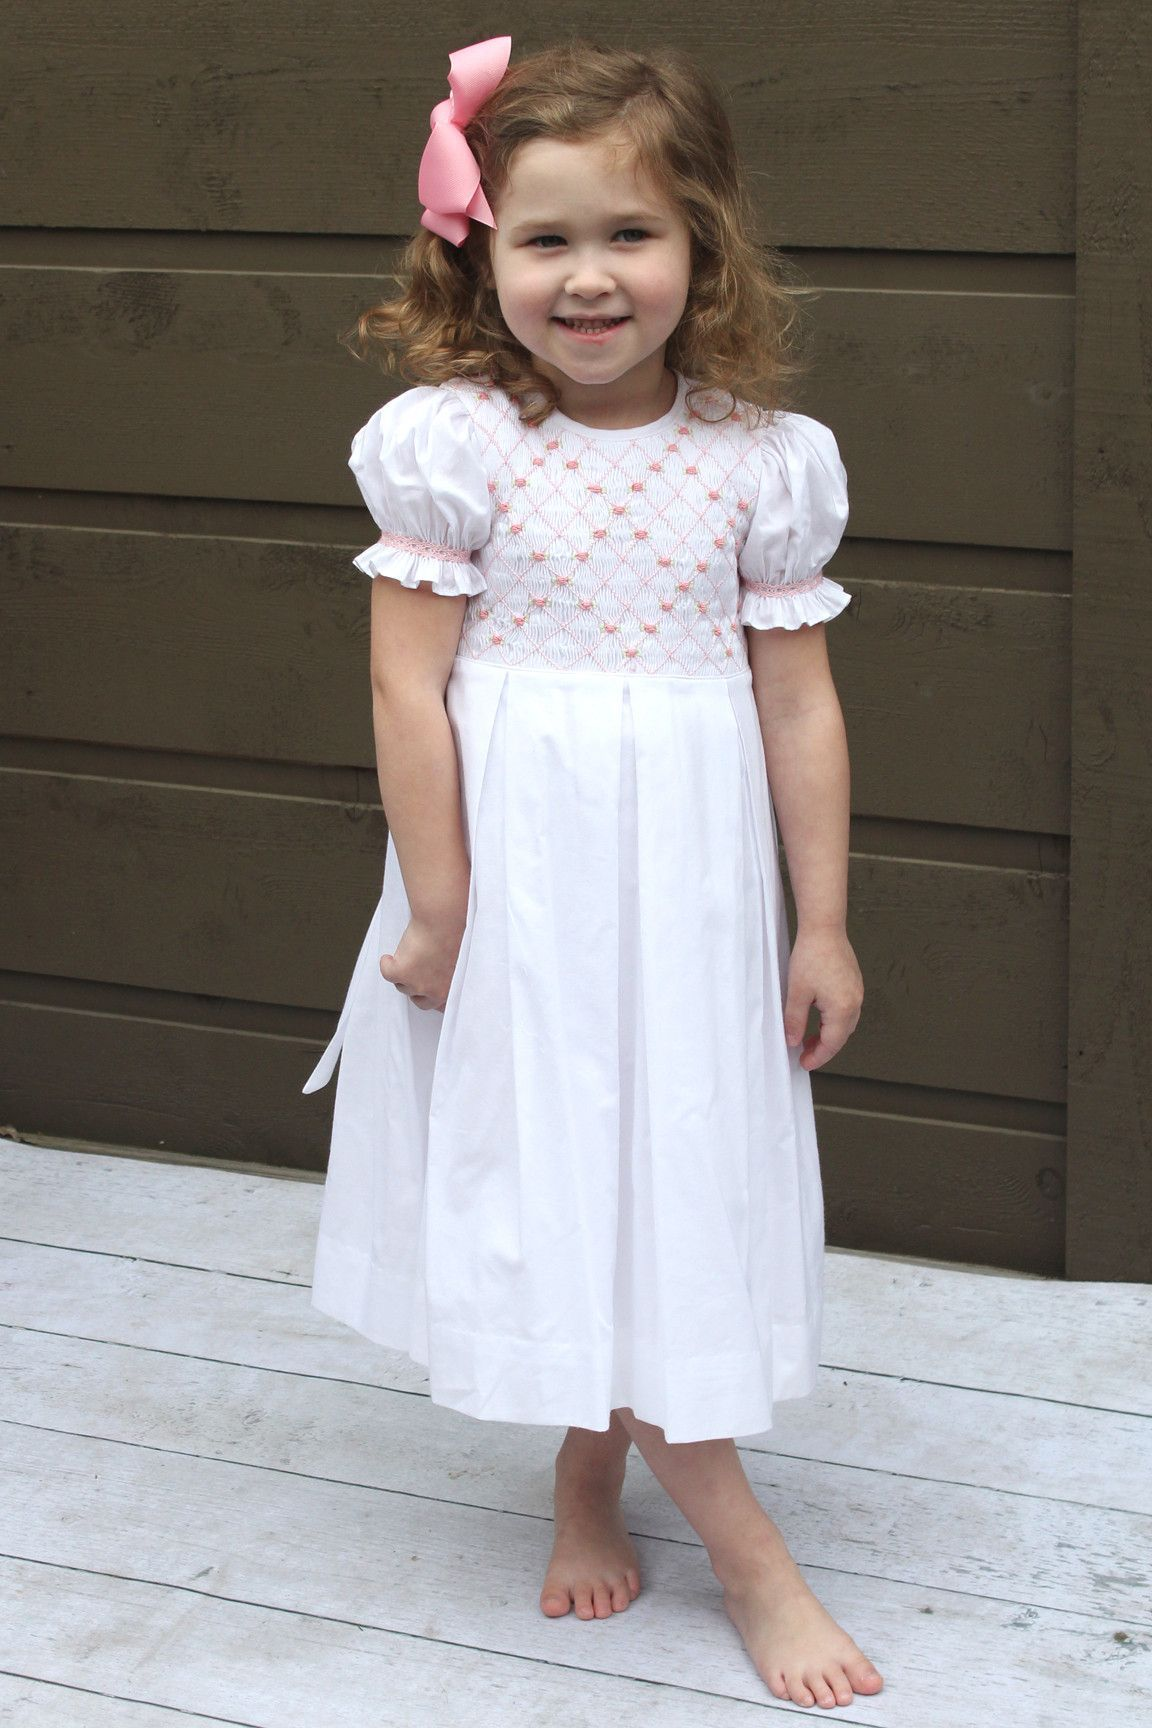 98a61b6d2 Darling in this Smocked Easter Dress by Strasburg Children! #easter  #strasburgchildren